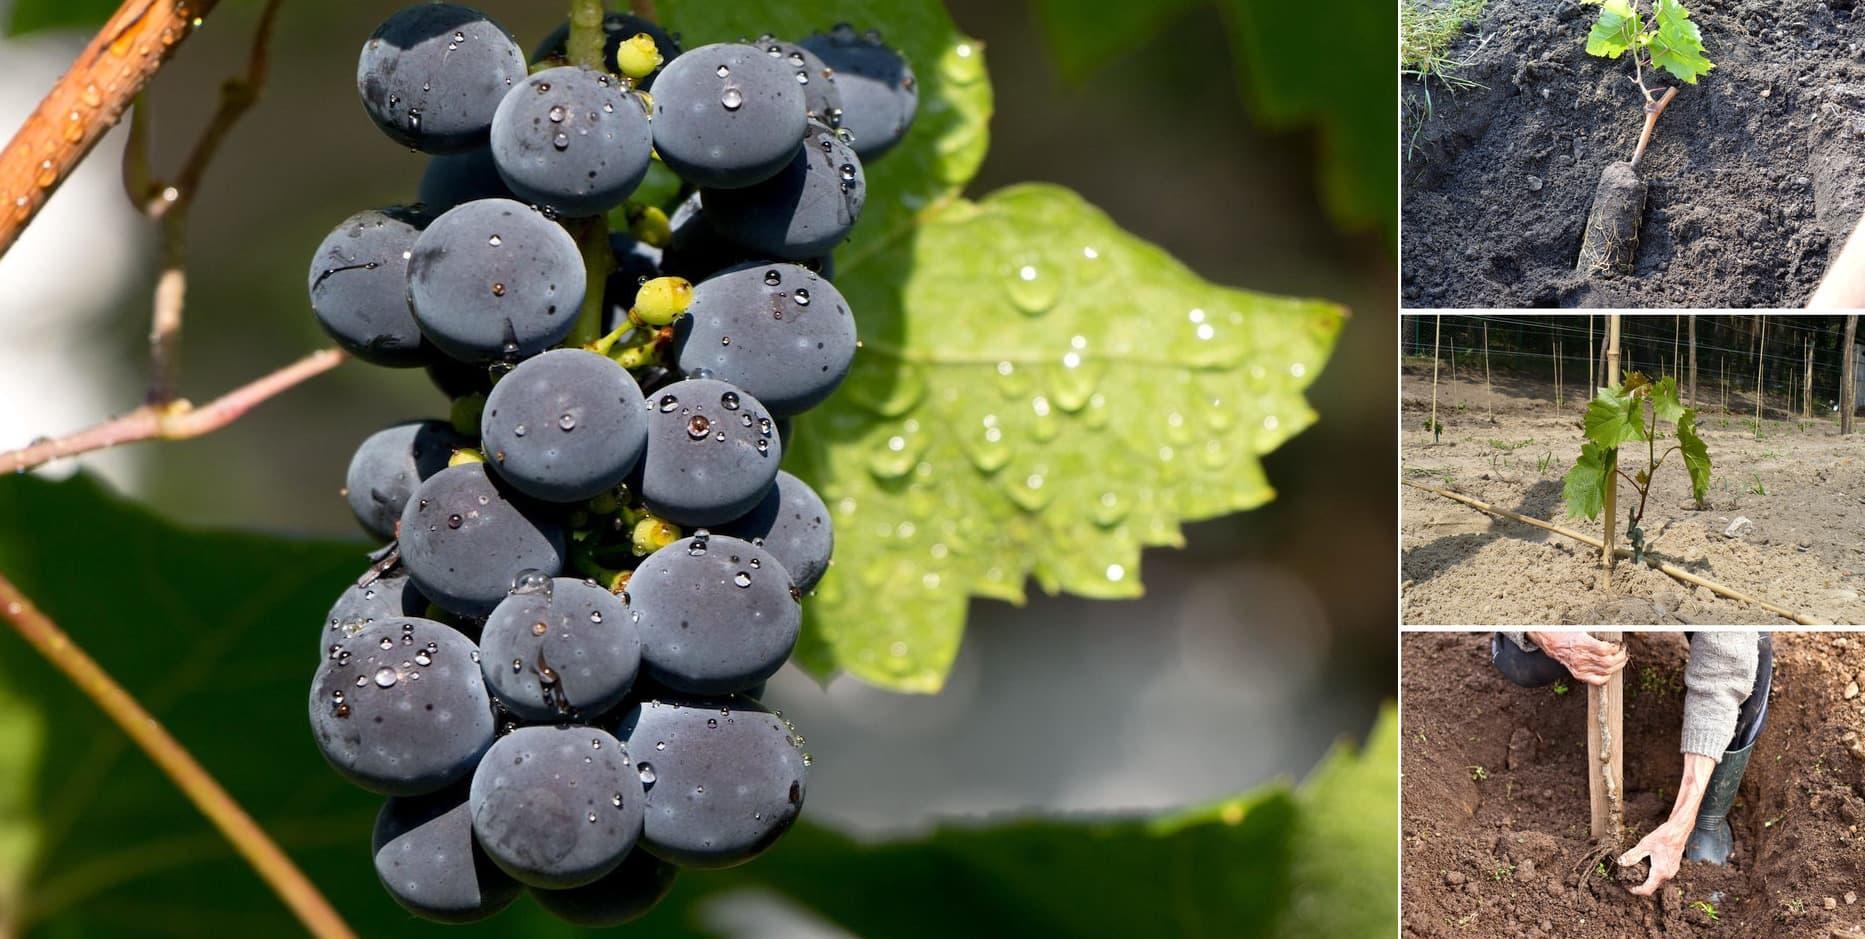 Правильная посадка винограда - залог раннего и хорошего урожая